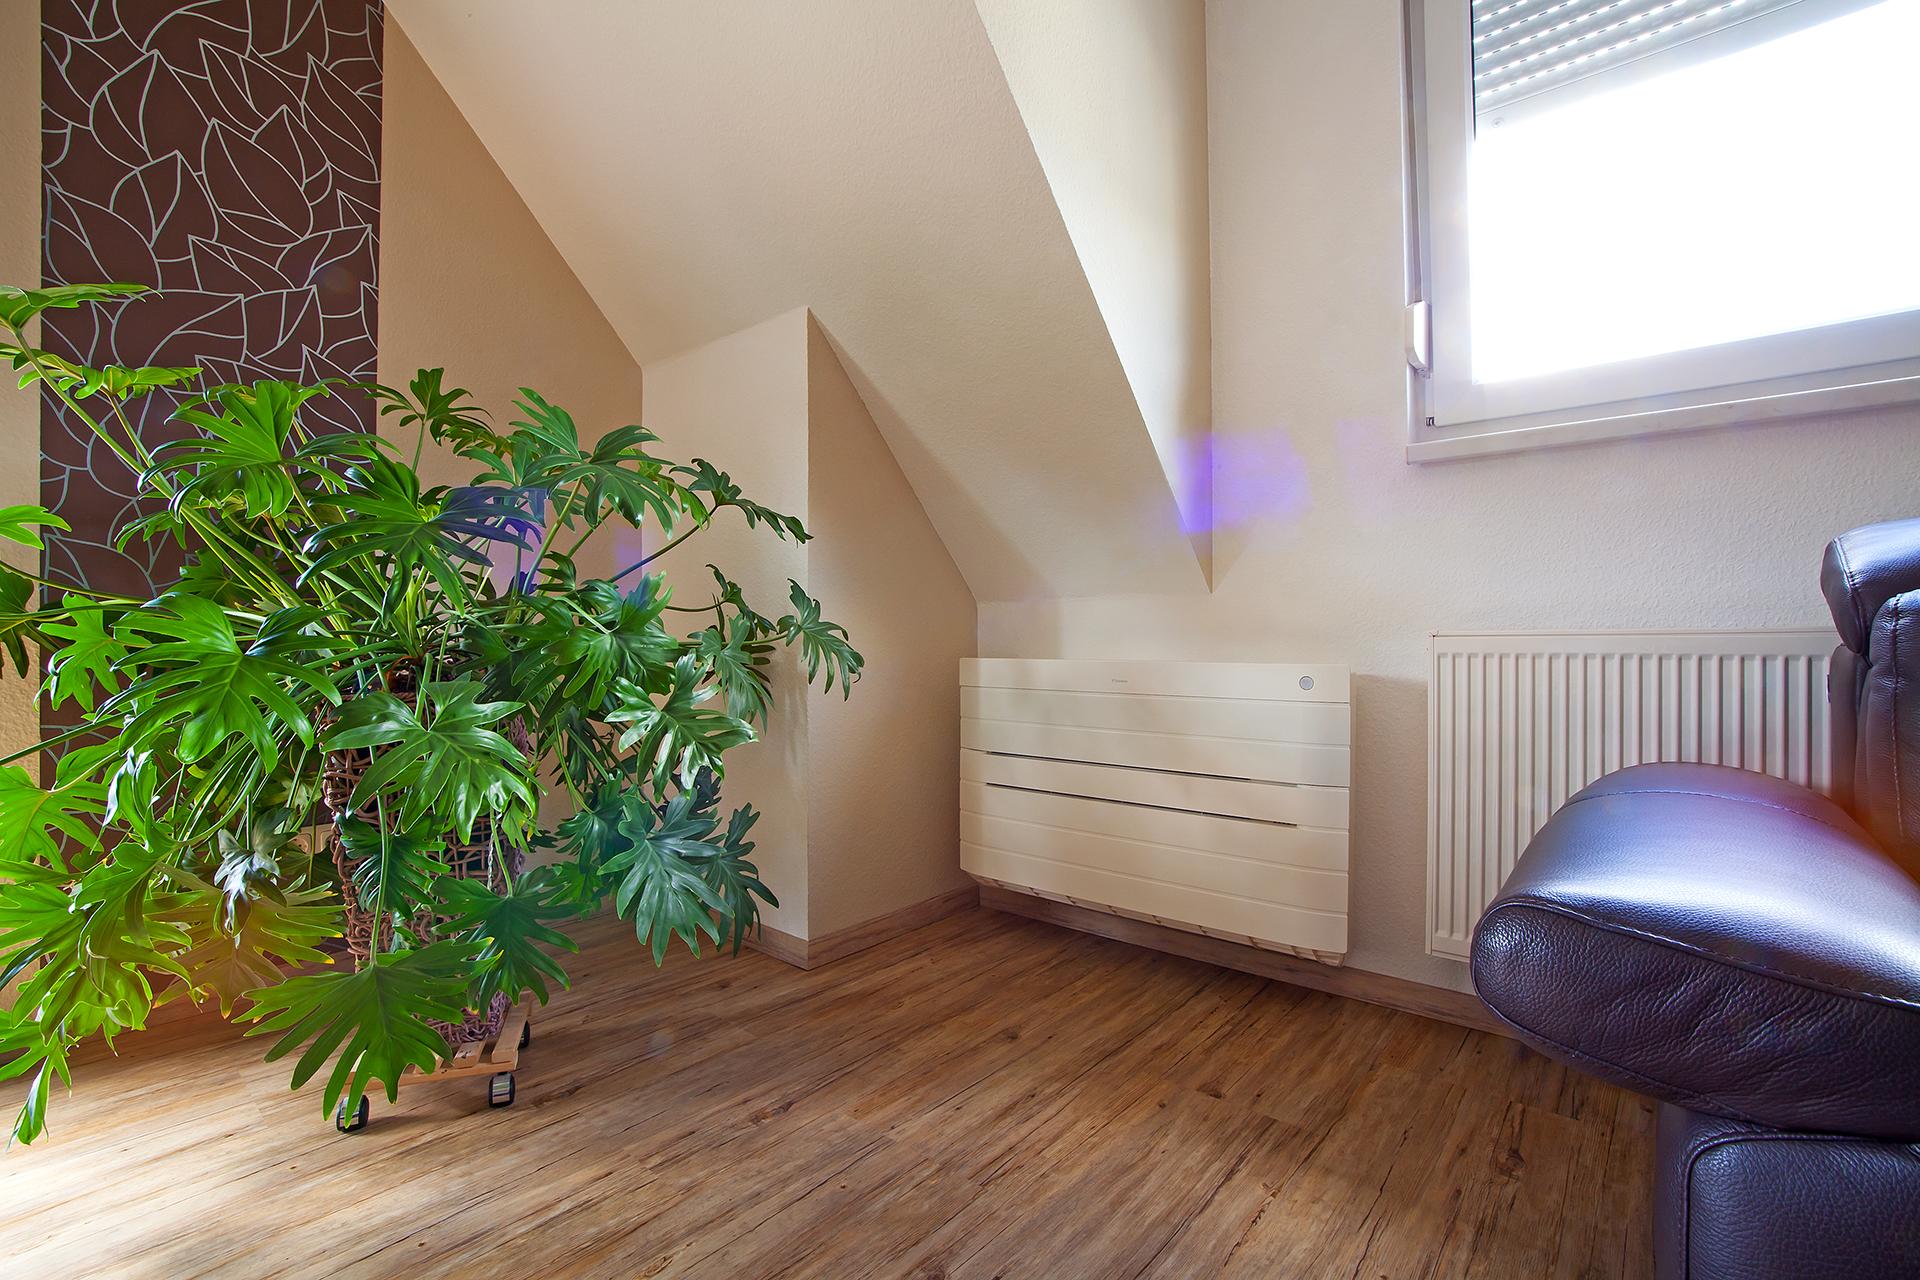 Heizungsbau - Wohnraum mit Heizkörper und Klimagerät